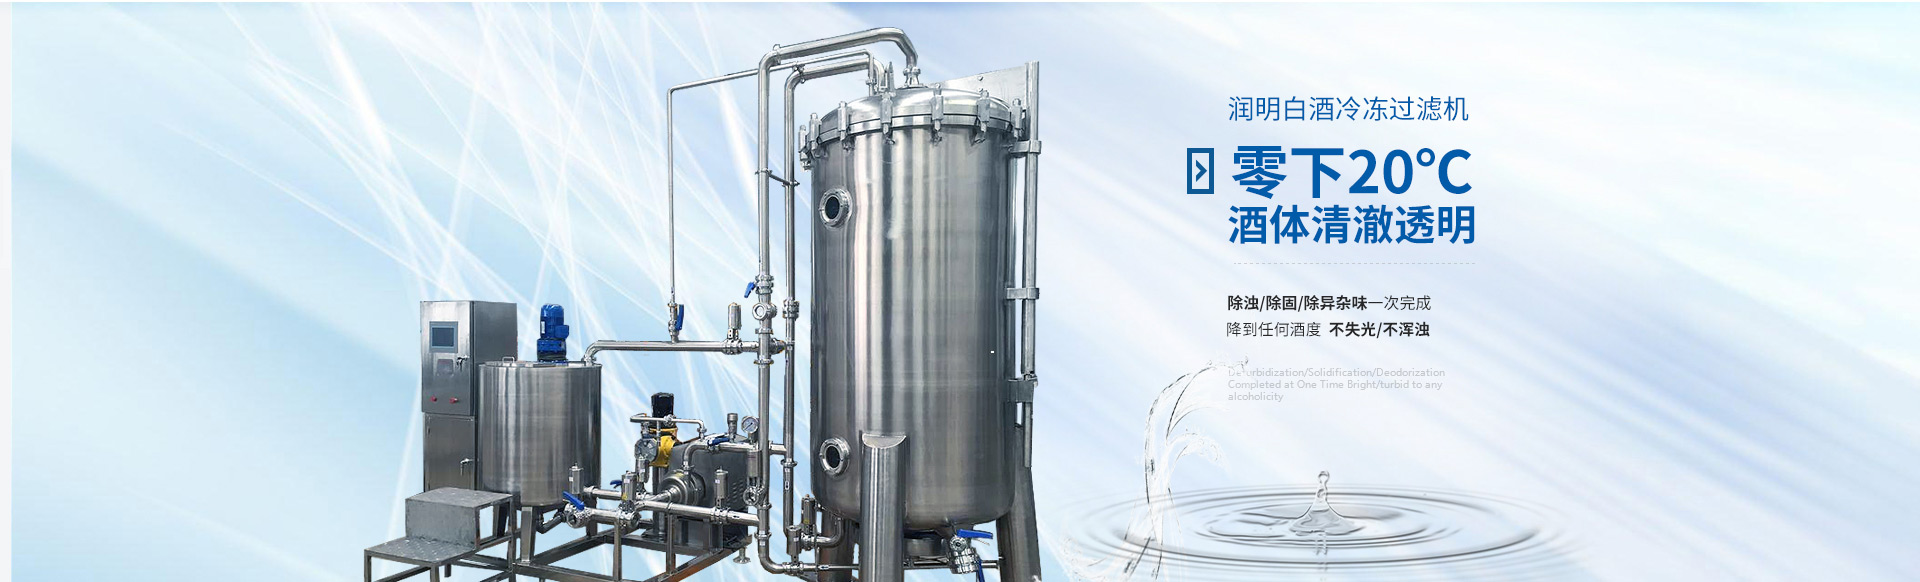 润明白酒冷冻过滤机零下20℃酒体清澈透明